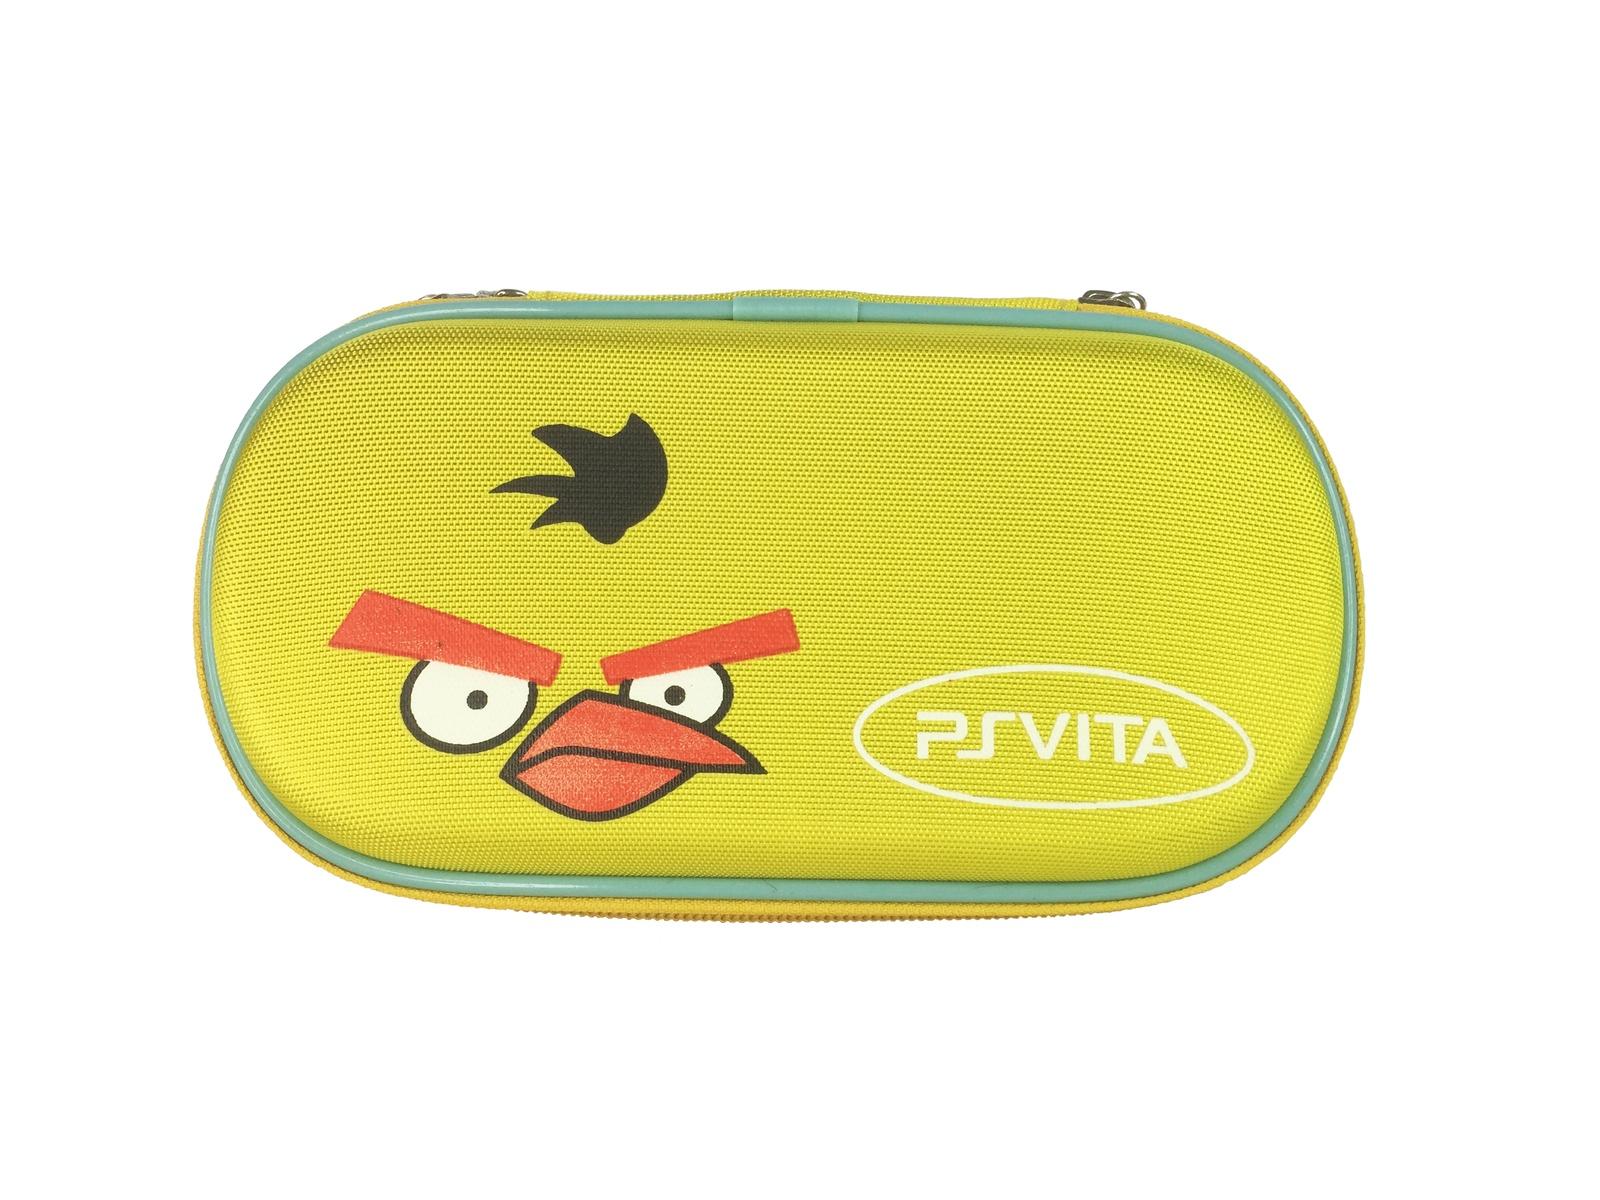 Чехол для игровой приставки Hori PSV-225, желтый все цены